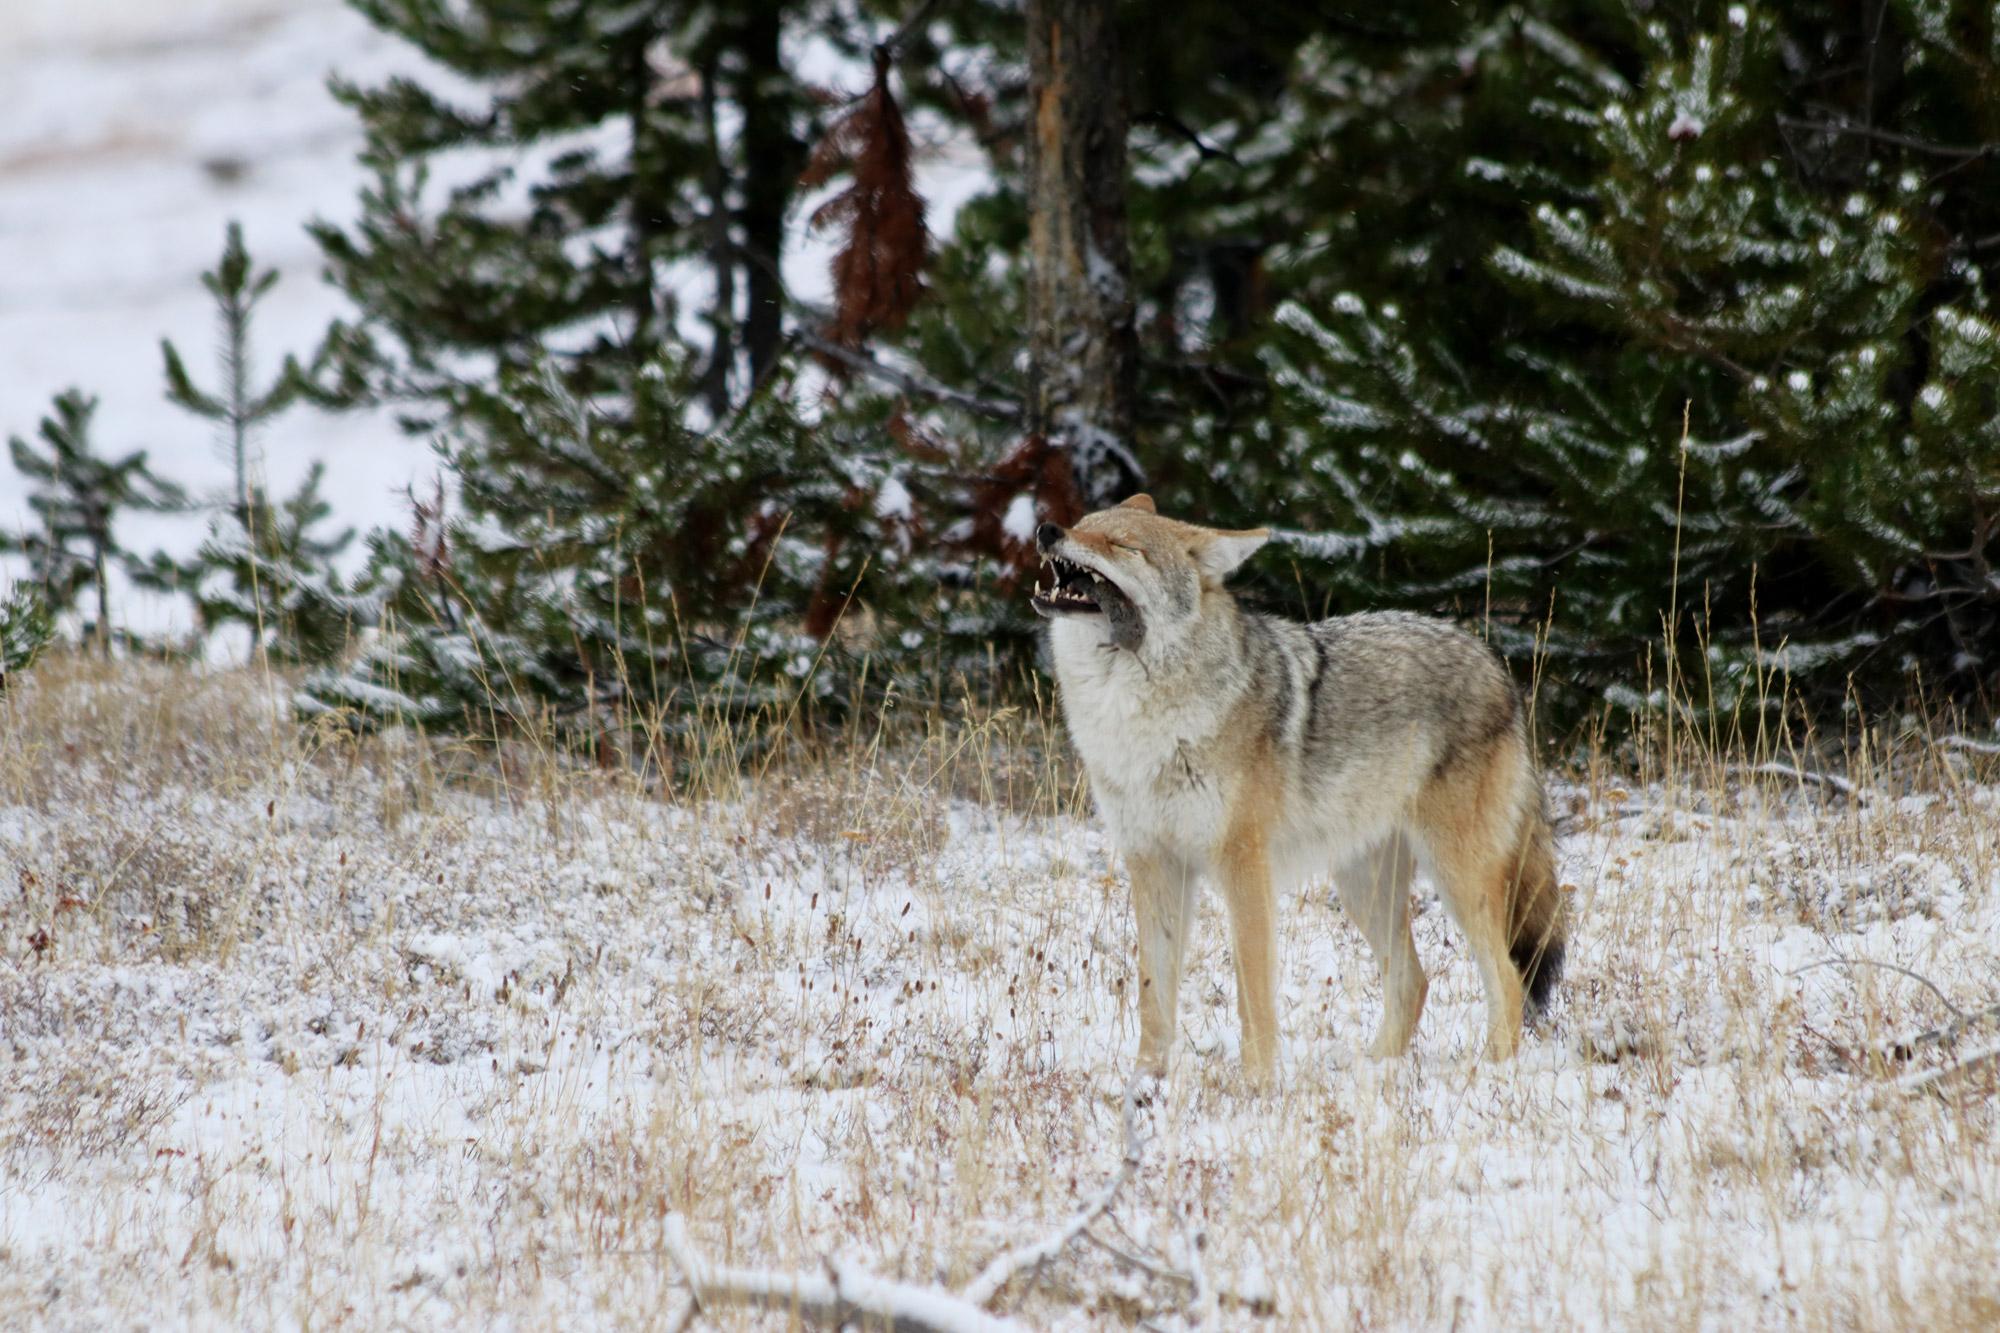 Mooiste reisfoto's van 2017 - Coyote